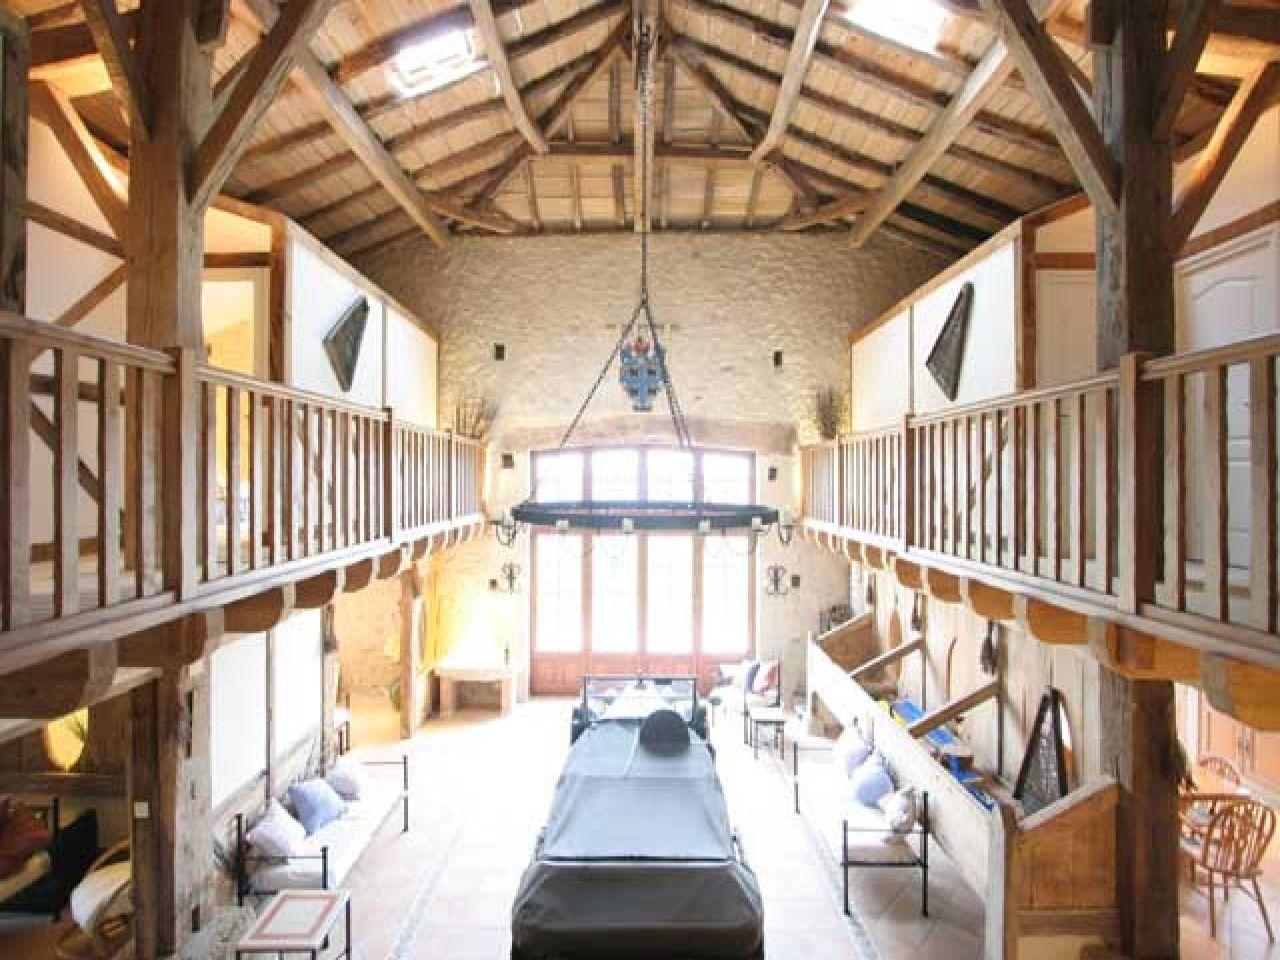 Small Pole Barns Metal Pole Barns Converted Into Homes Pictures Small Pole  Barns Metal Pole Barns